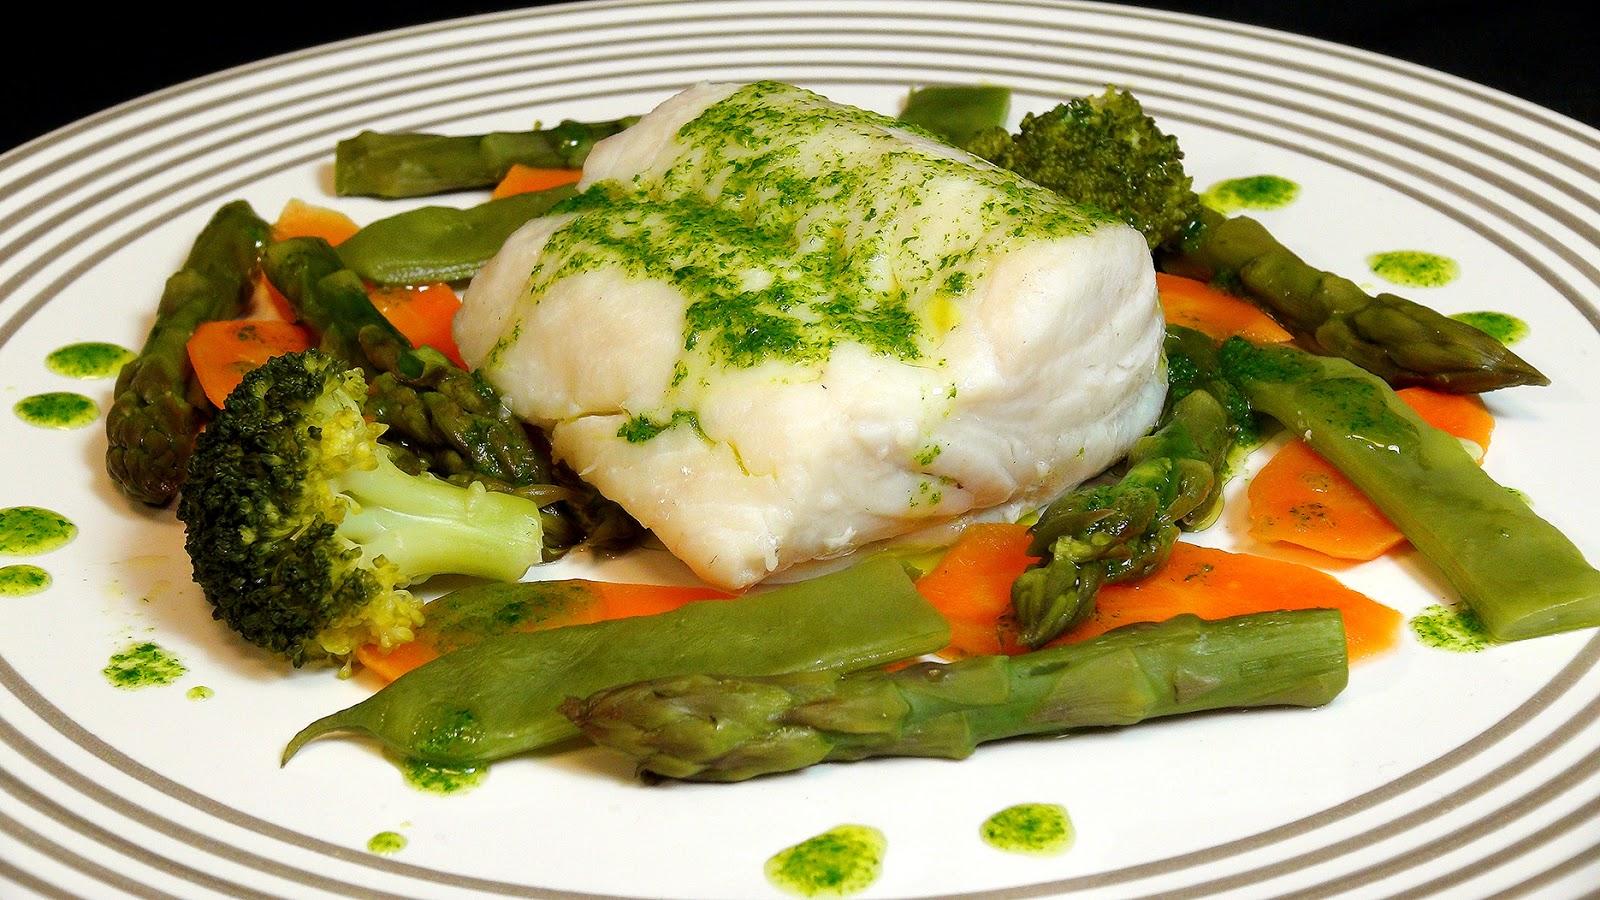 Genial cocinar verduras al vapor galer a de im genes for Cocinar zanahorias al vapor